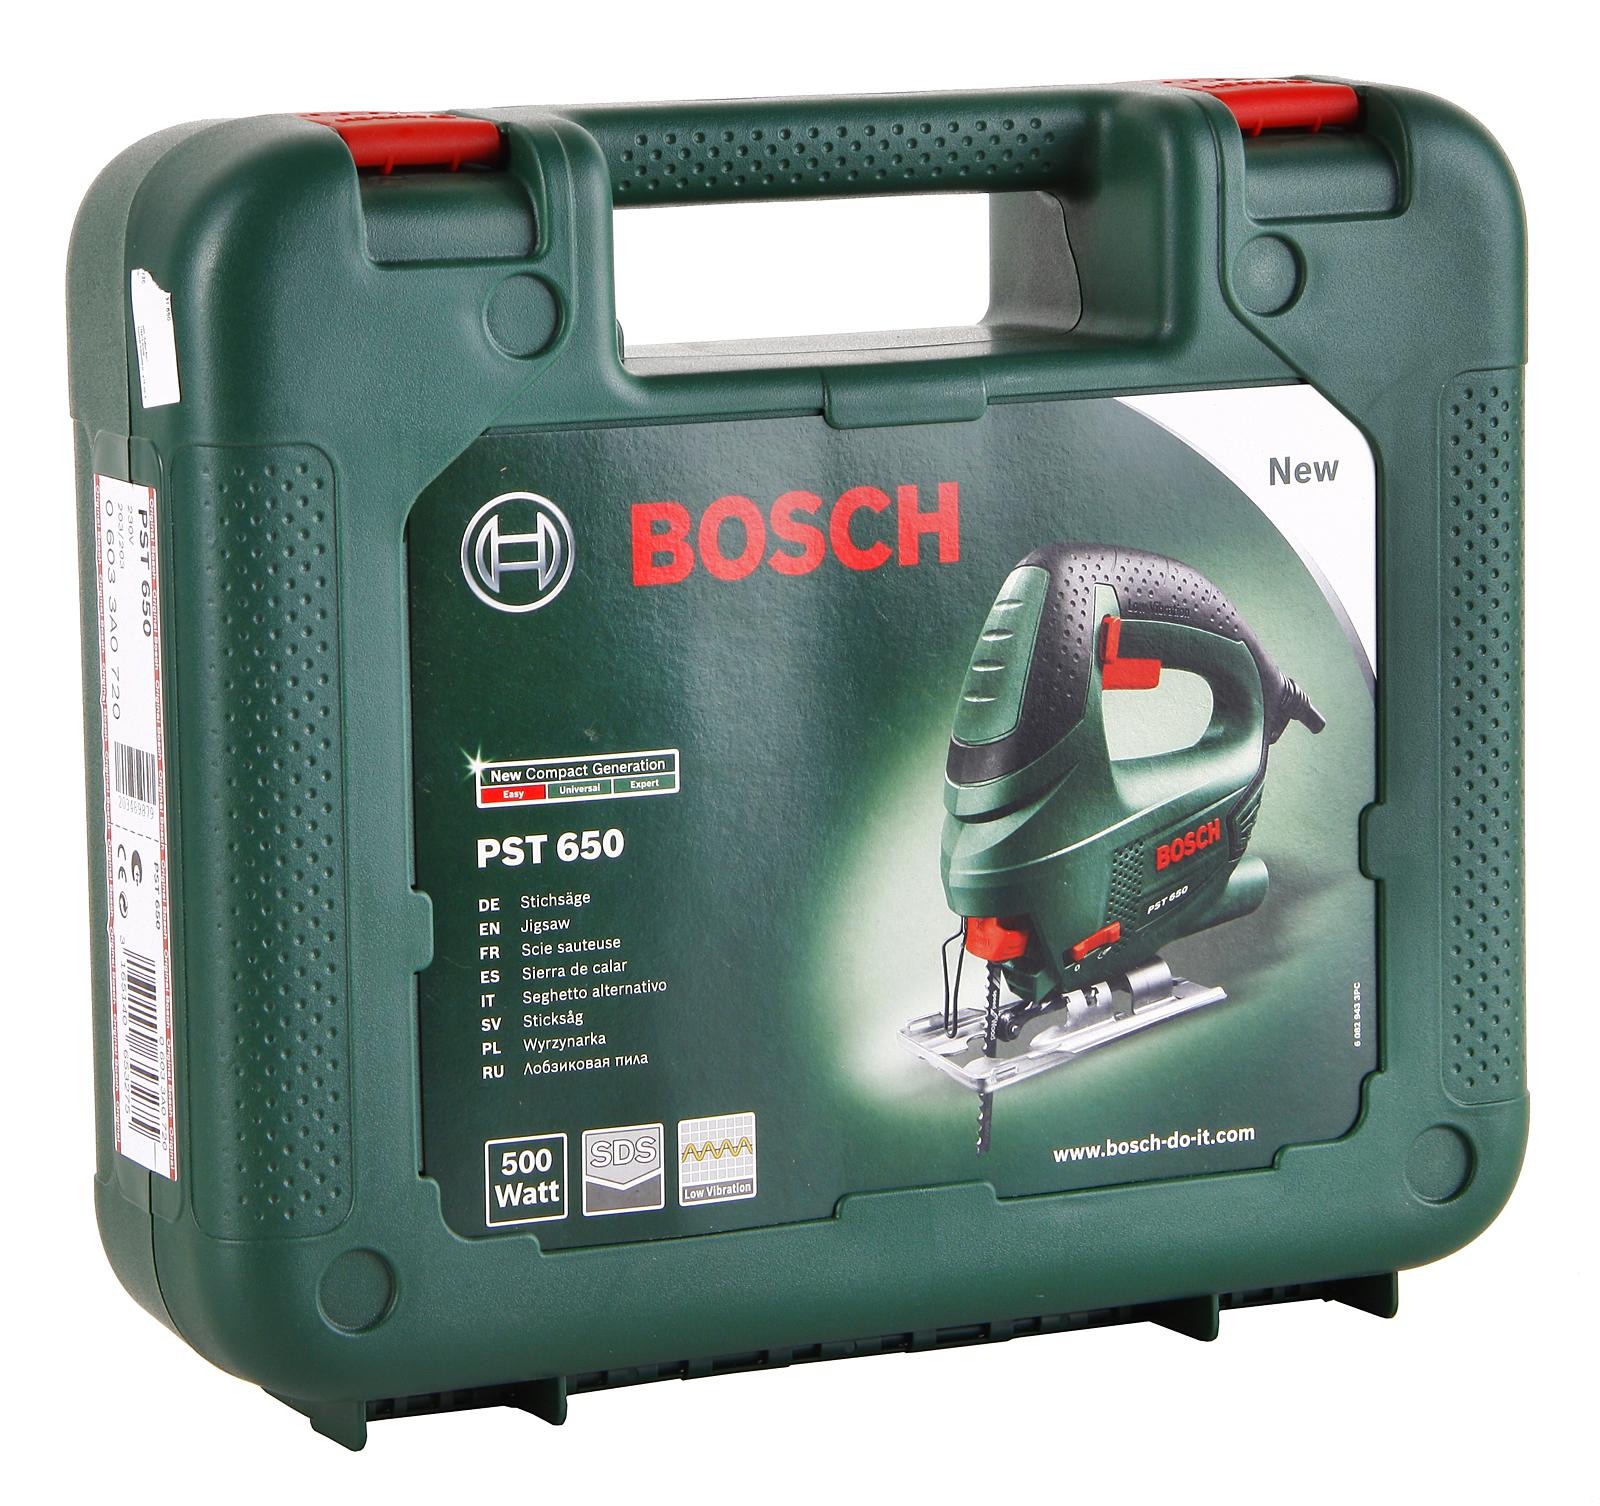 Электрический лобзик Bosch Pst 650 в кейсе (0.603.3a0.720)